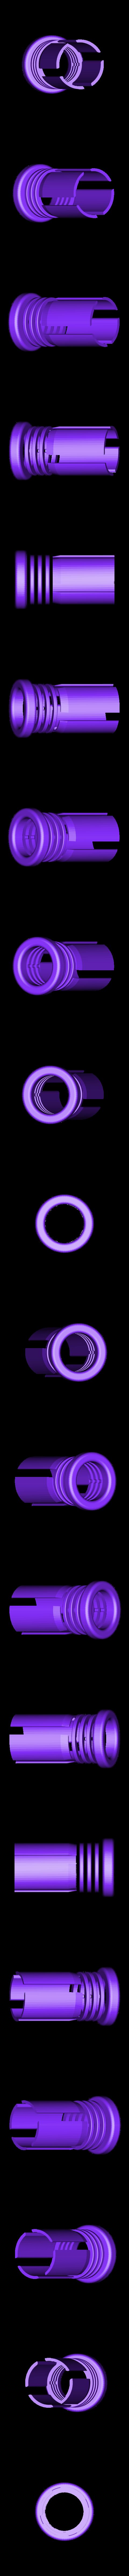 DualHandleOuter.STL Download free STL file LIGHTSABER - LED - Fully Functional • 3D printer template, Balkhagal4D